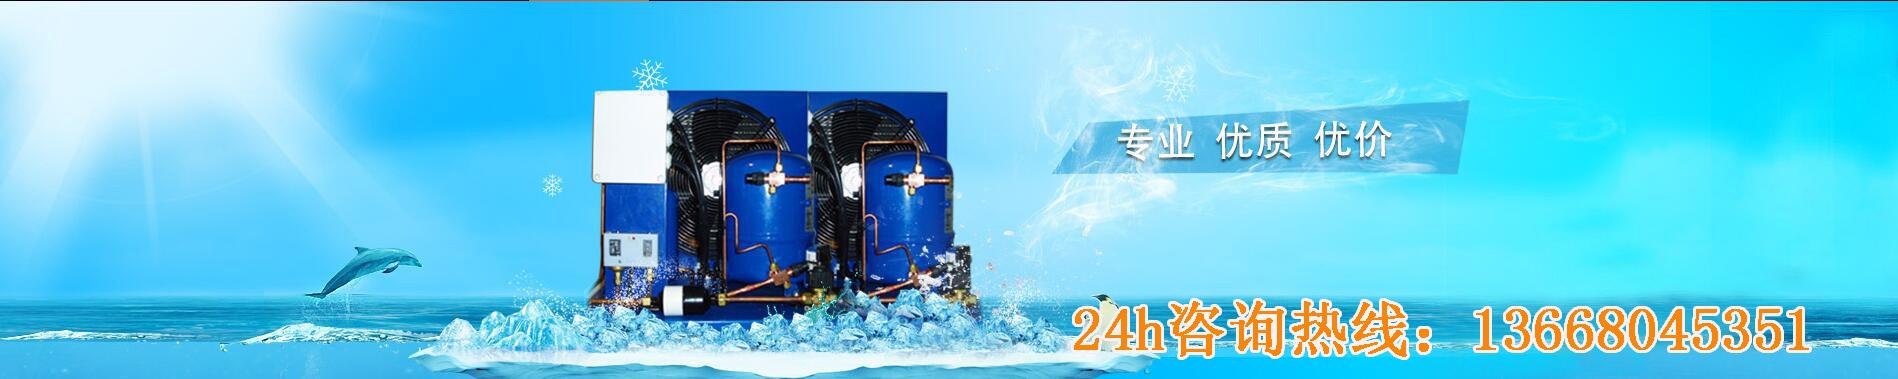 重庆冻库维修专业、优质、优价。